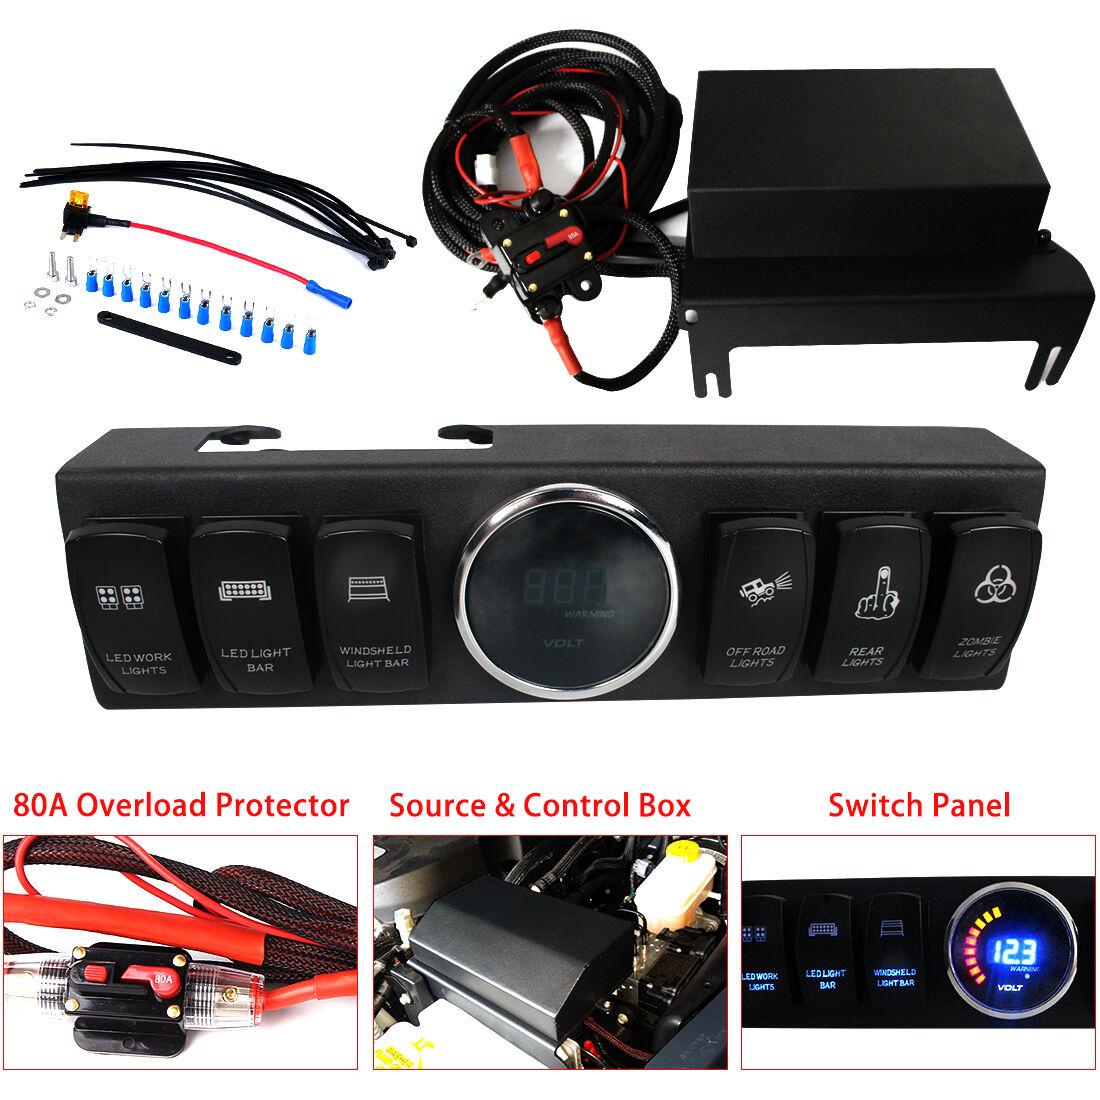 Firebug Jeep Wrangler Switch Panel, Jeep 6 Rocker Switch Cotrol Bracket JK JKU 614409697930 | eBay